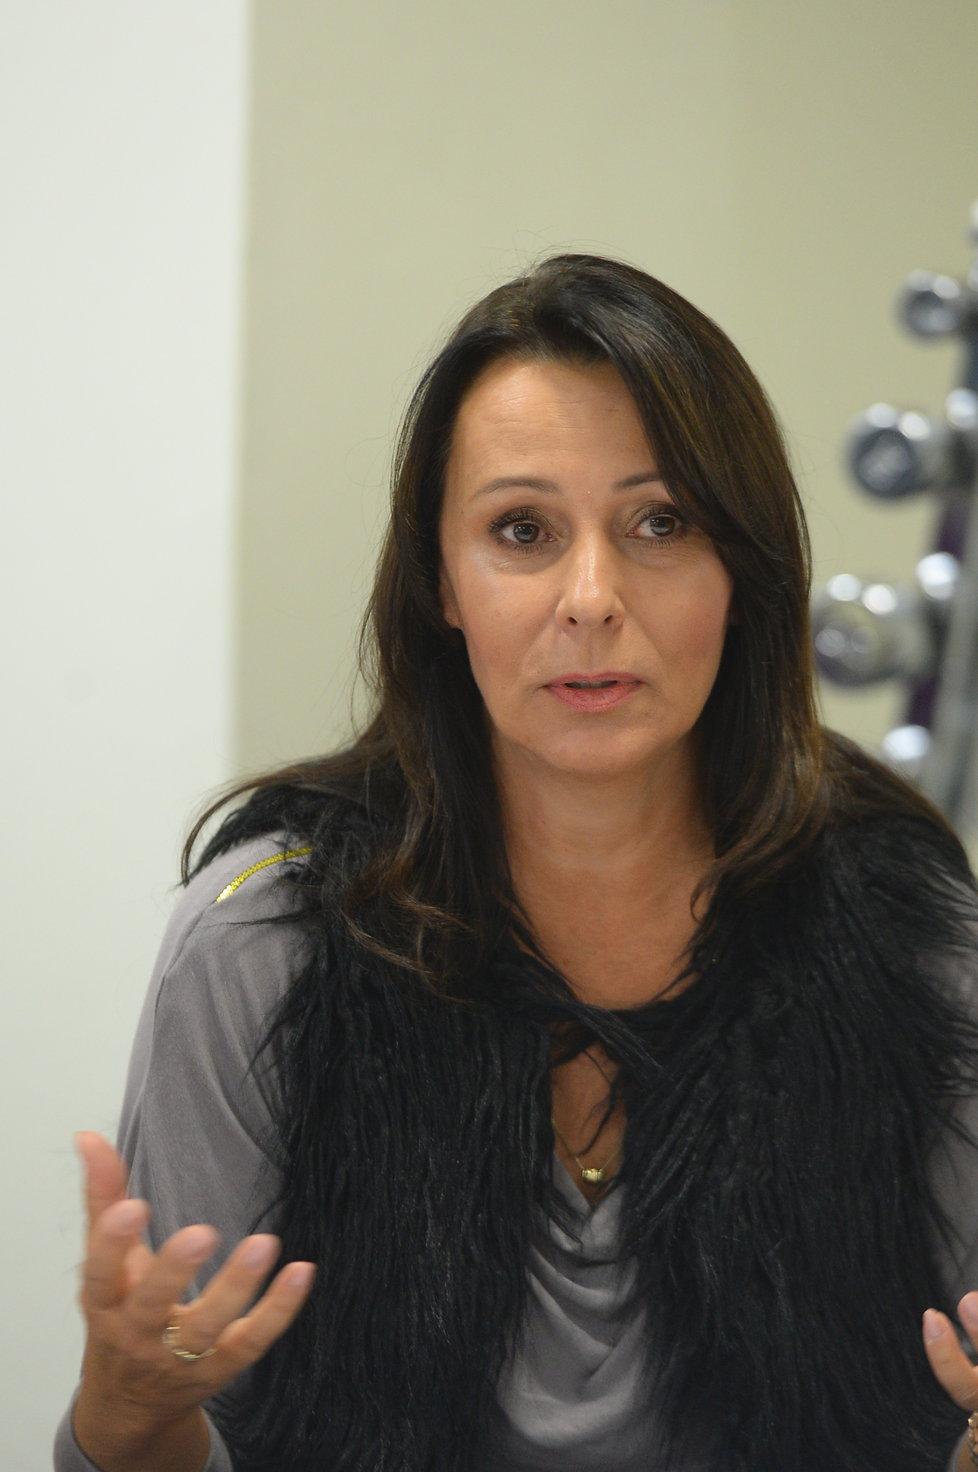 Zpěvačka Heidi Janků věřila, že se Tomášek najde v pořádku.